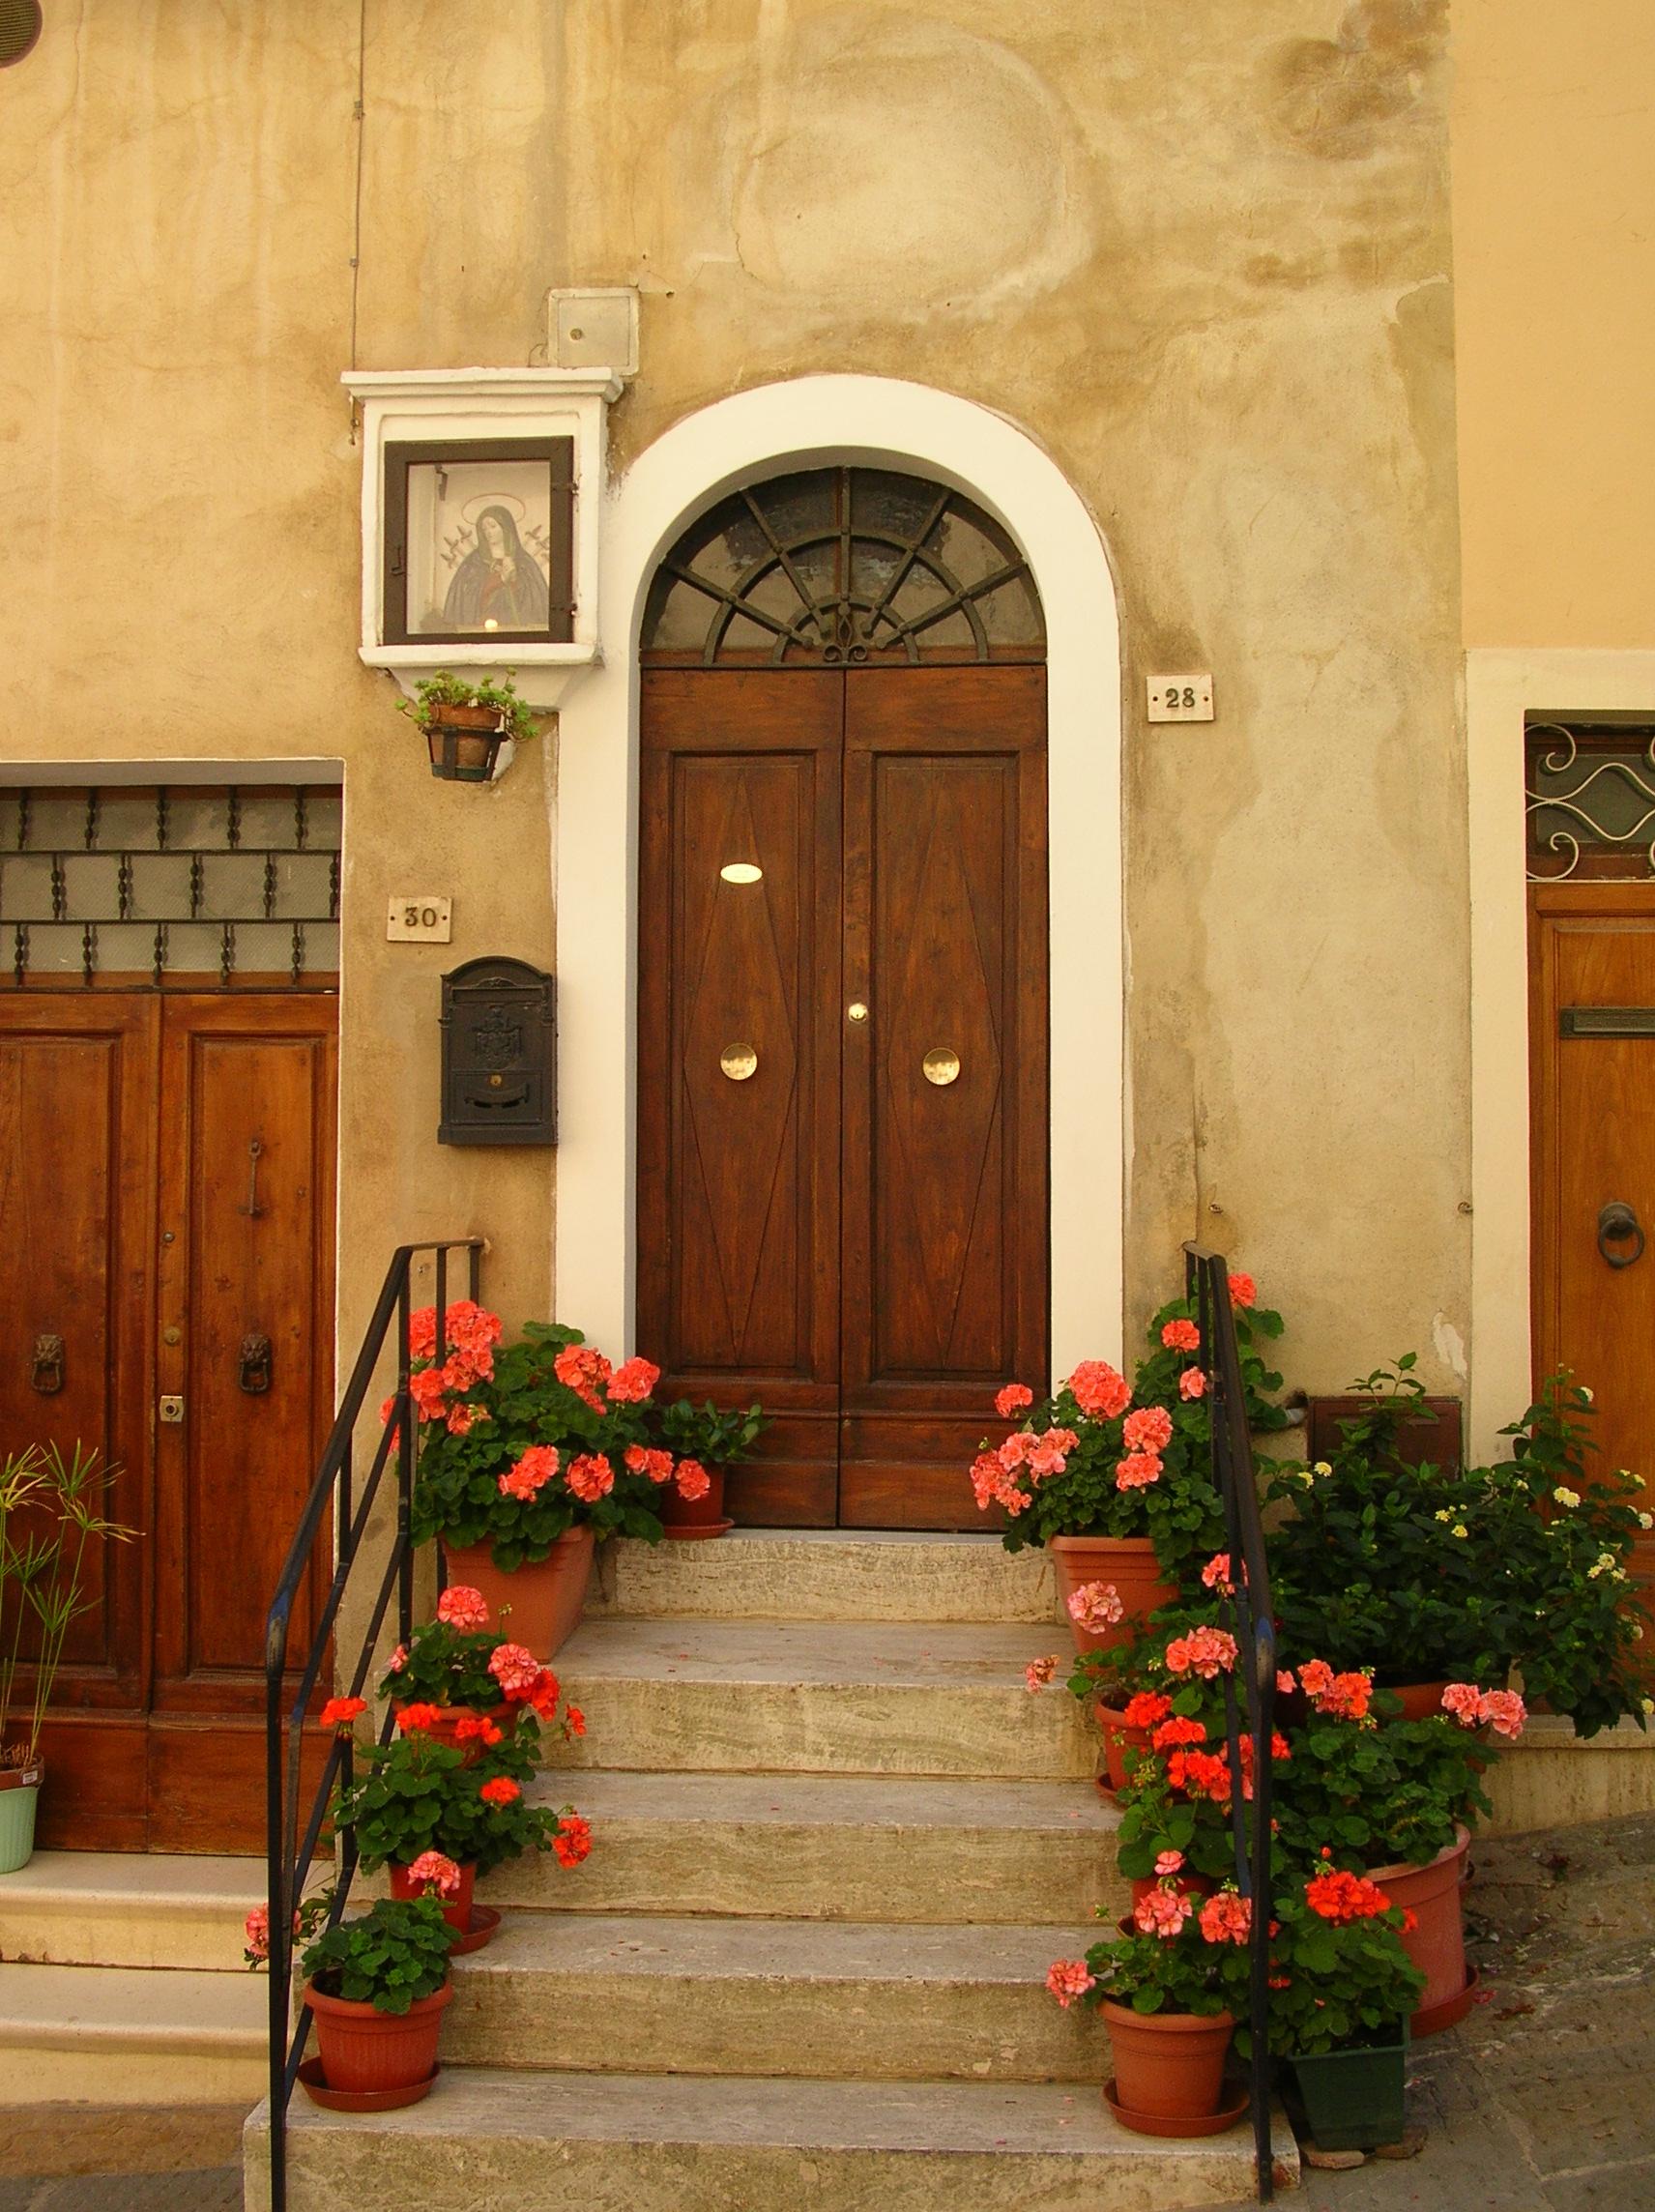 9-30-06-doorway-in-Montepulciano.jpg